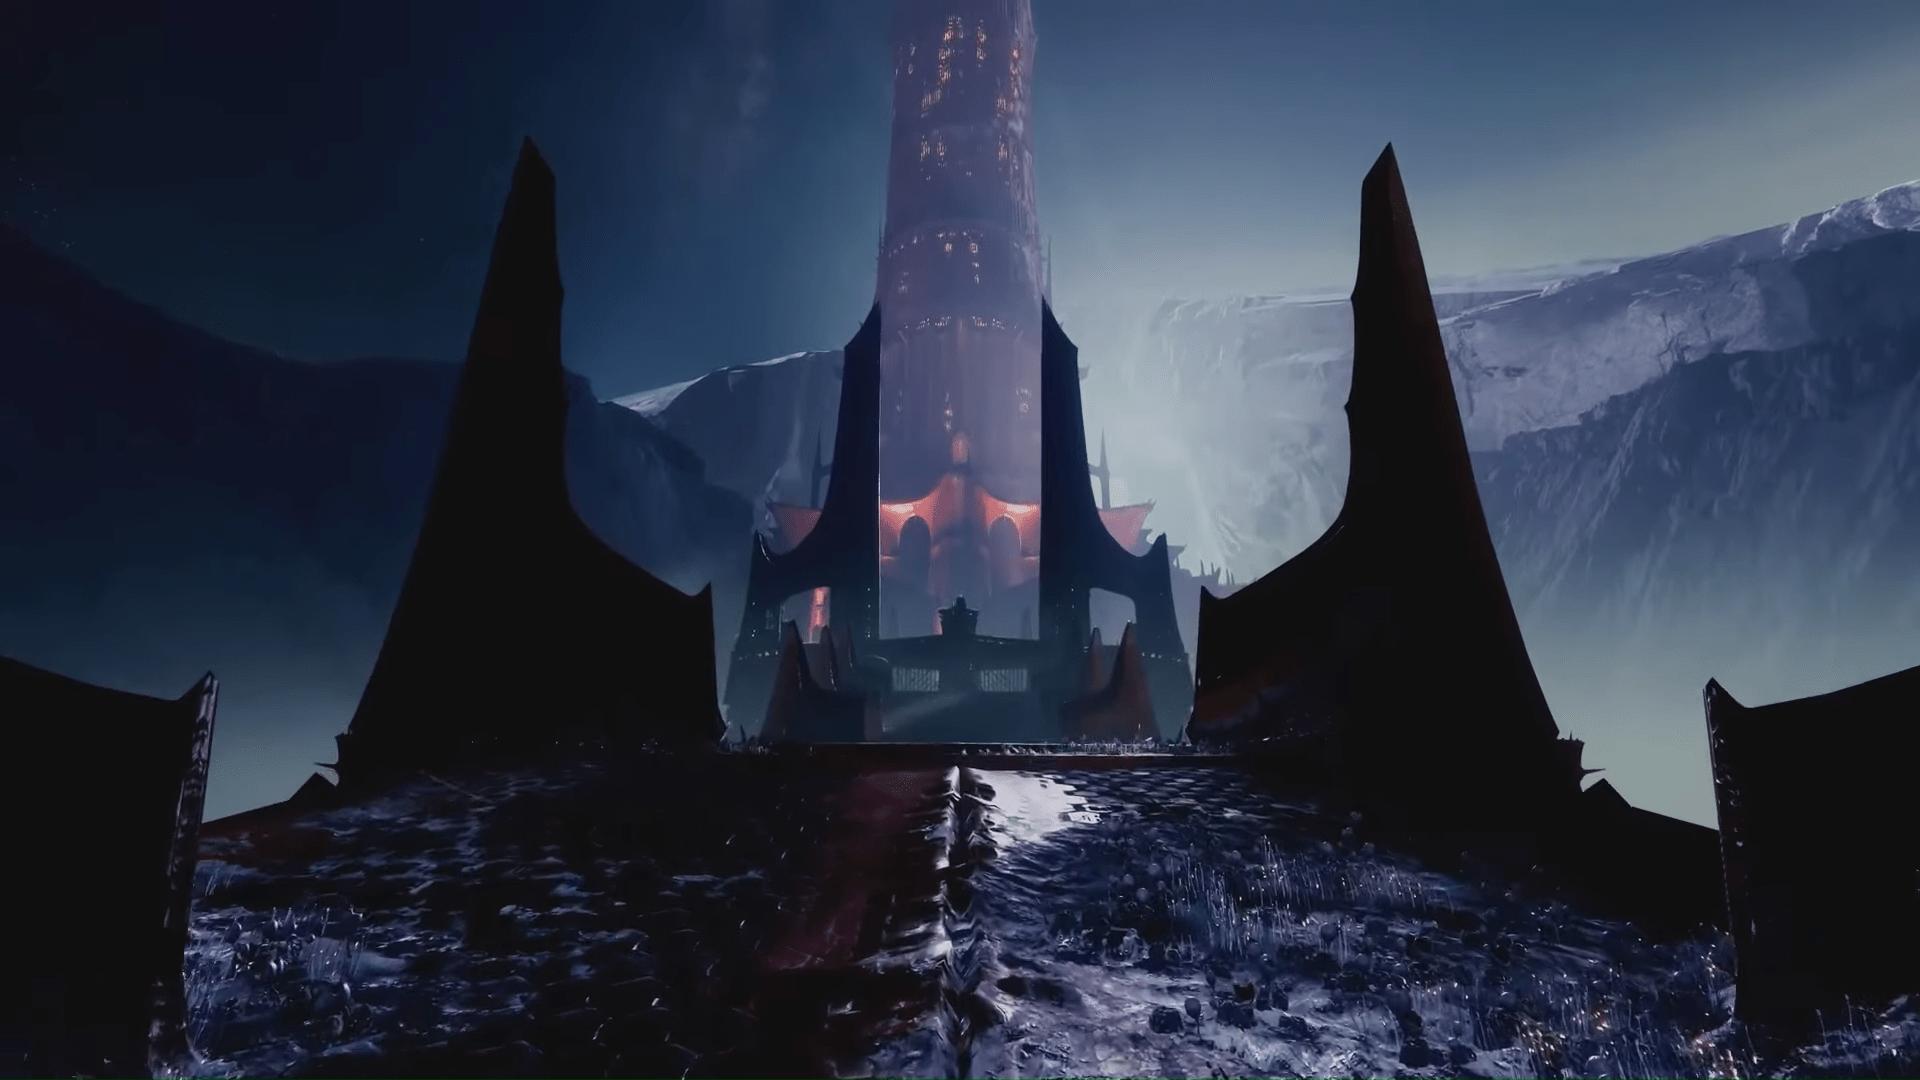 Destiny 2 Shadowkeep Wallpaper 4k